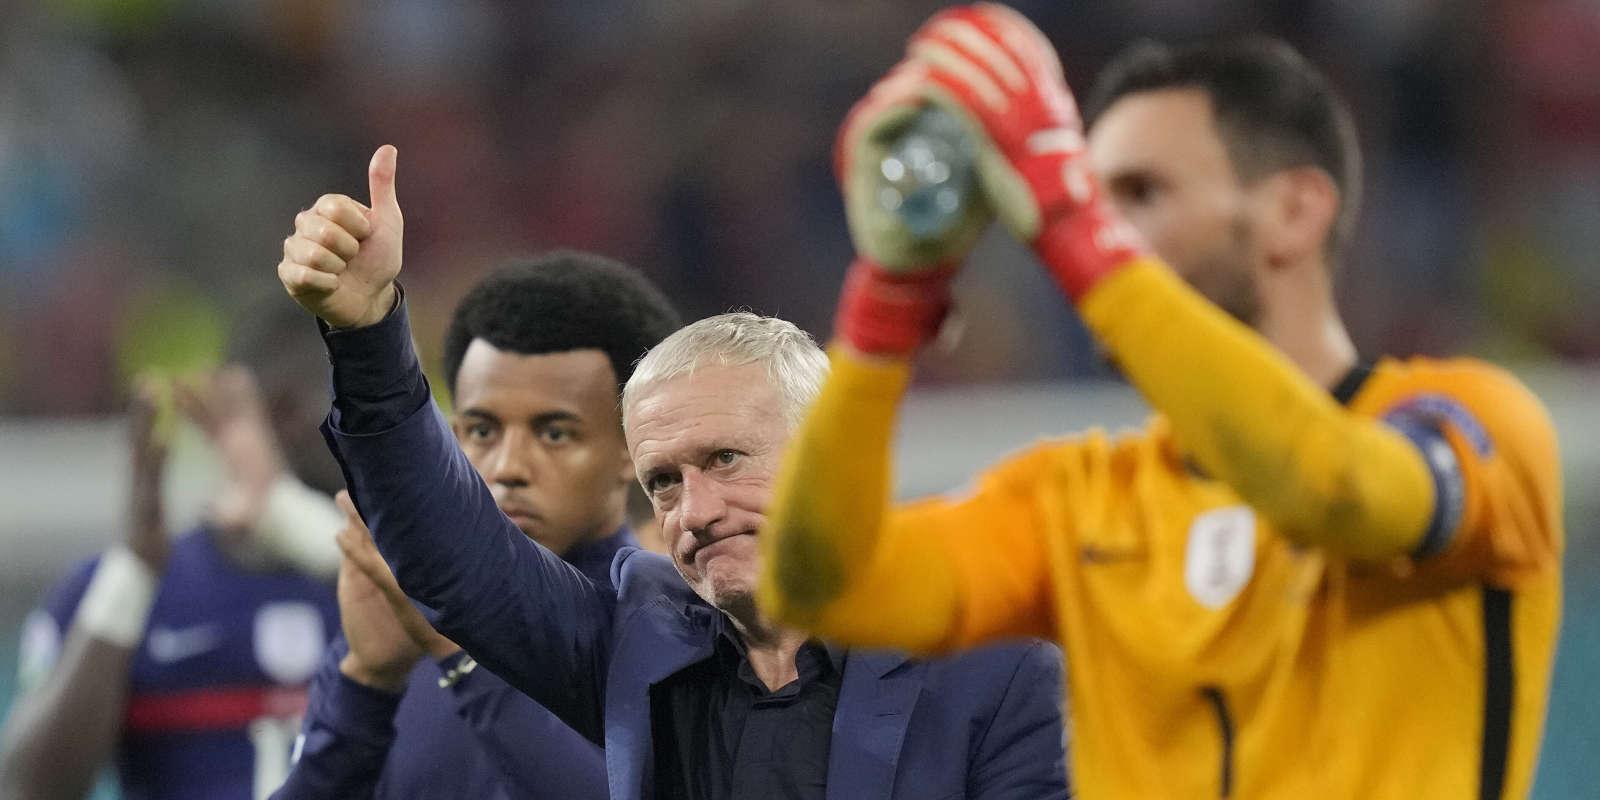 Didier Deschamps et Hugo Lloris remercient les supporters tricolores après la défaite contre la Suisse à l'issue de la séance de tirs au but en huitième de finale de l'Euro 2021, à Bucarest (Roumanie).